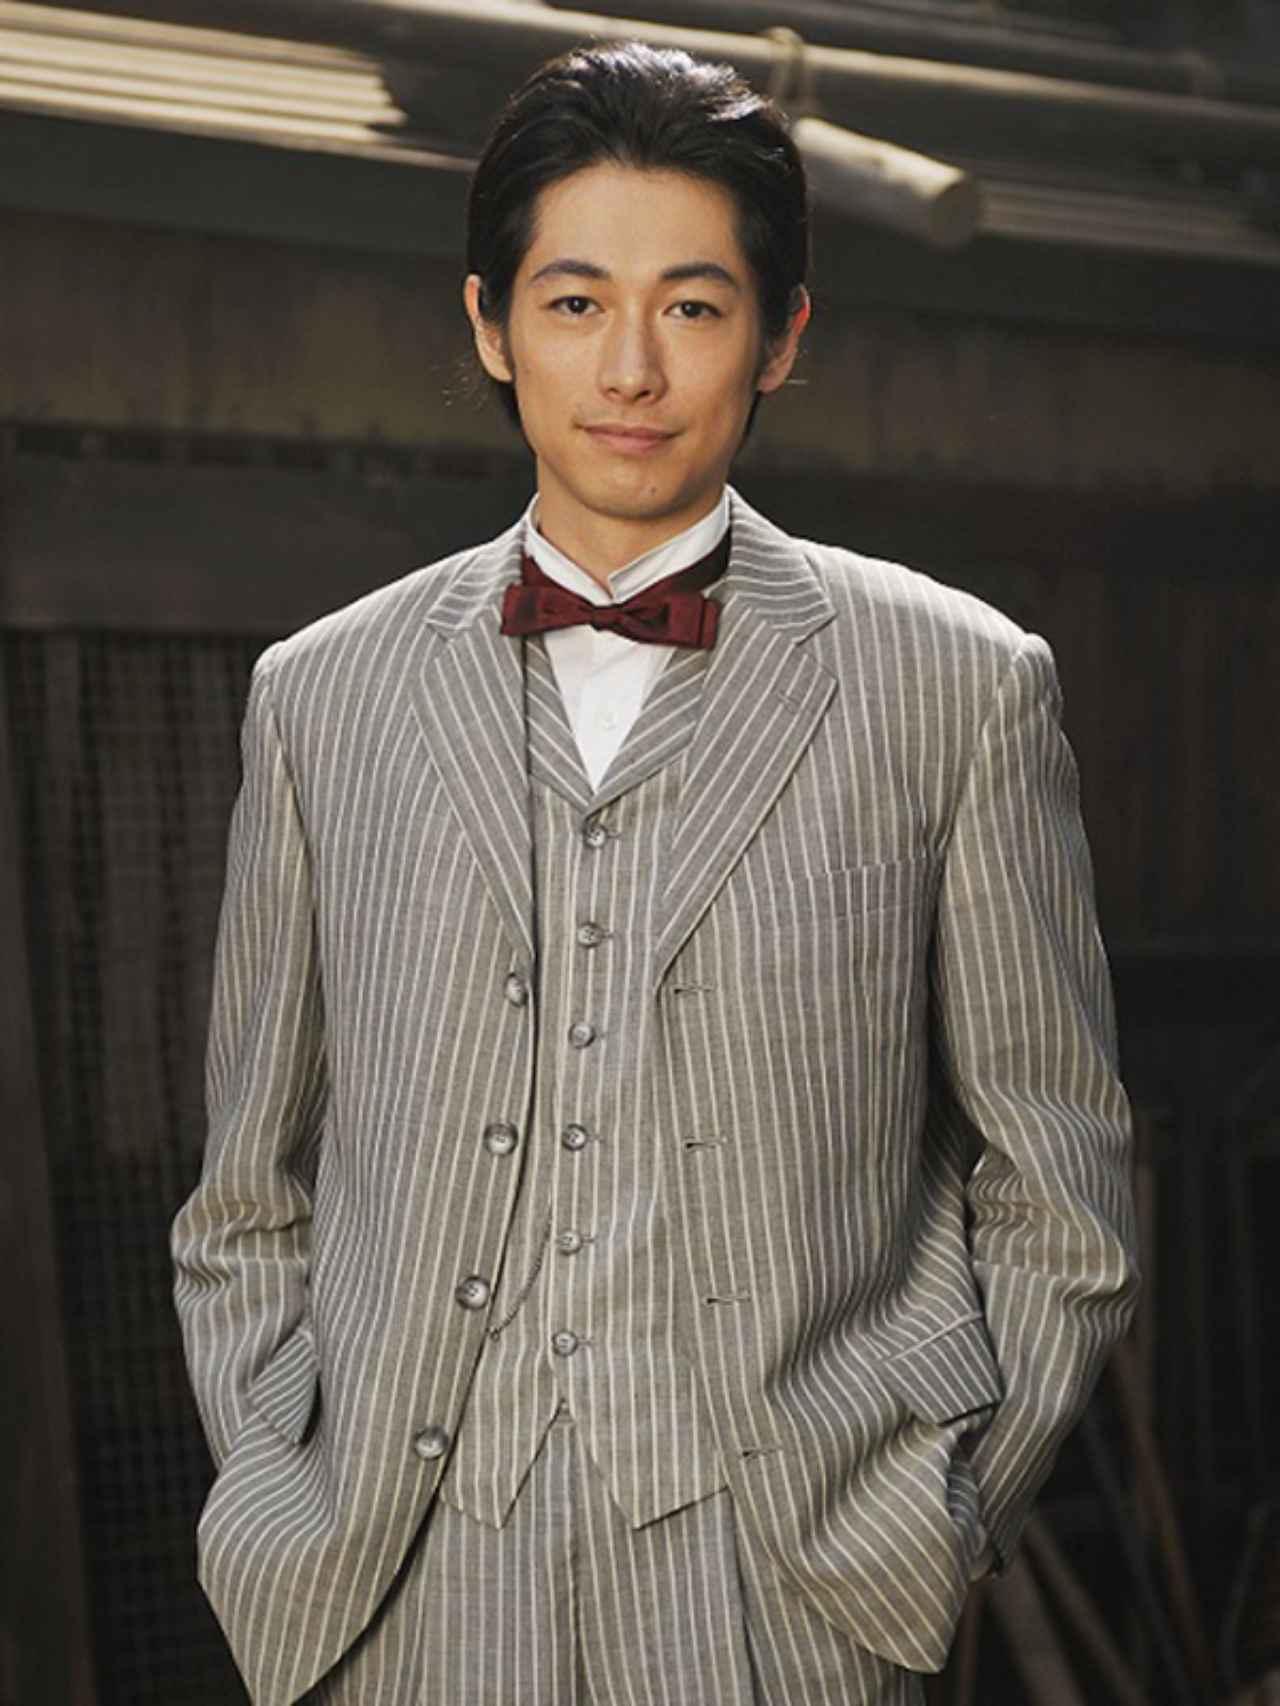 画像: ディーン・フジオカ http://trendy.nikkeibp.co.jp/welcome/welcome.html?http%3A%2F%2Ftrendy.nikkeibp.co.jp%2Farticle%2Fpickup%2F20150928%2F1066787%2F